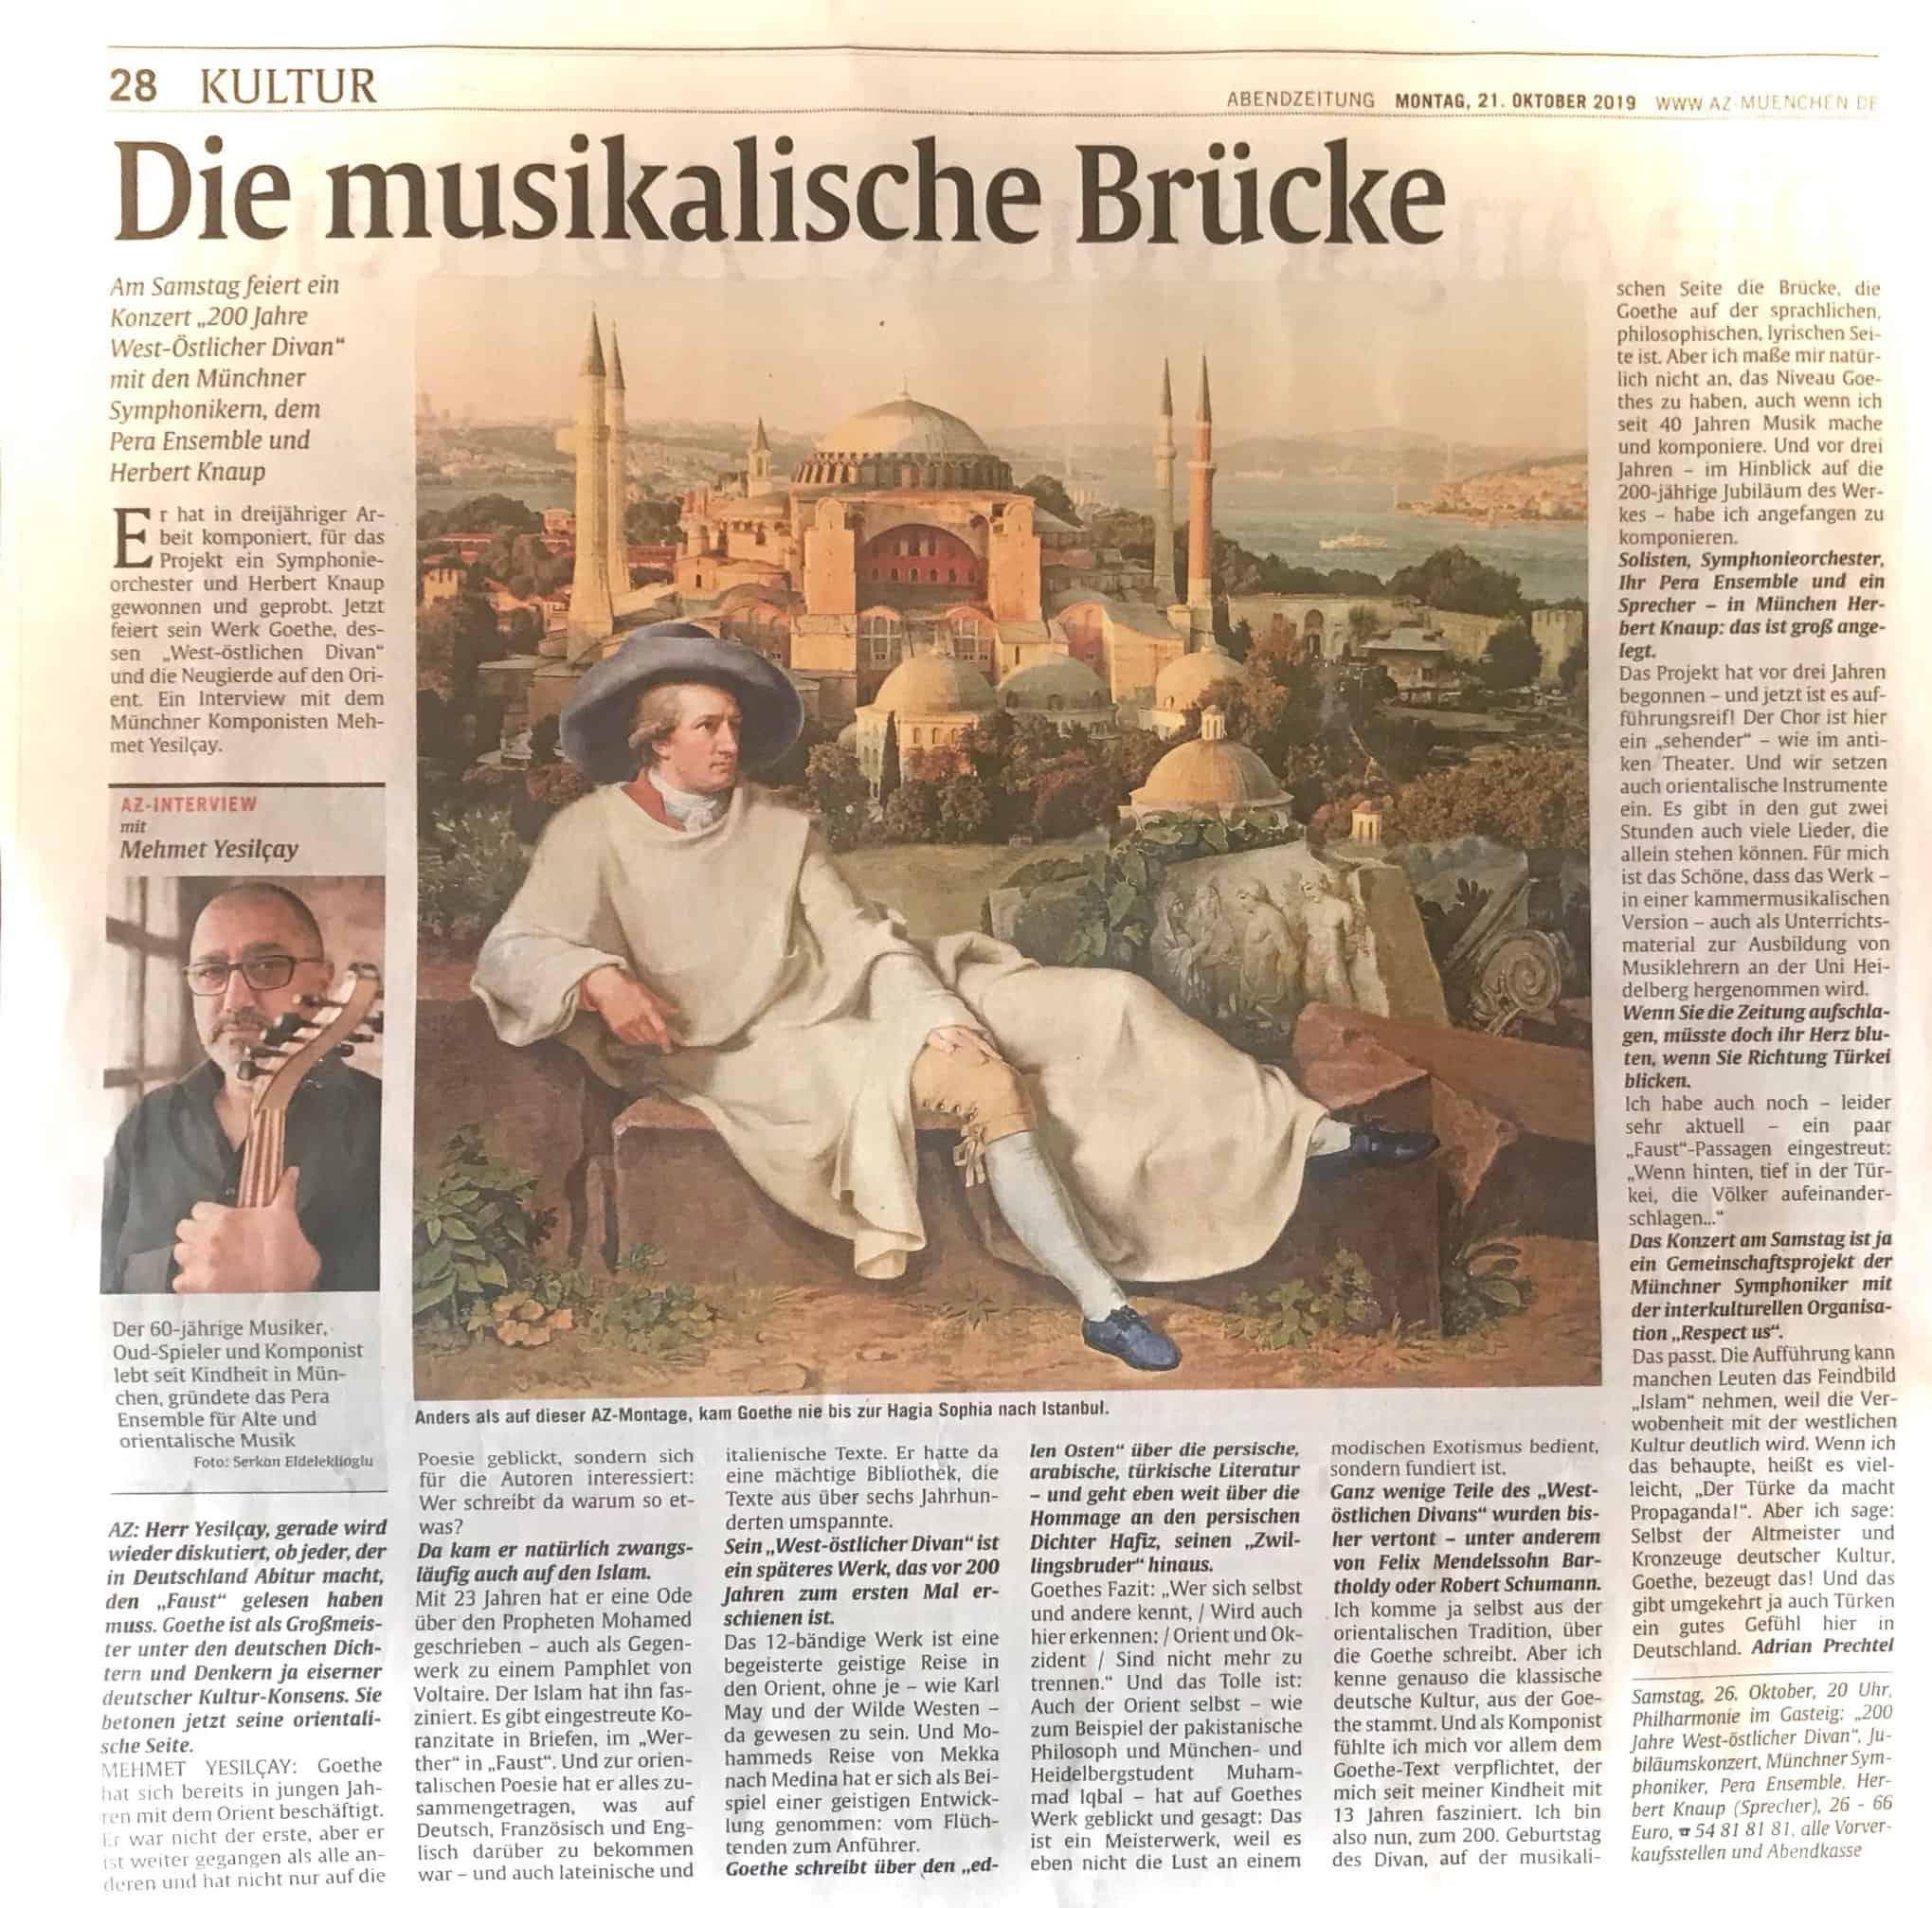 Divan-Abendzeitung